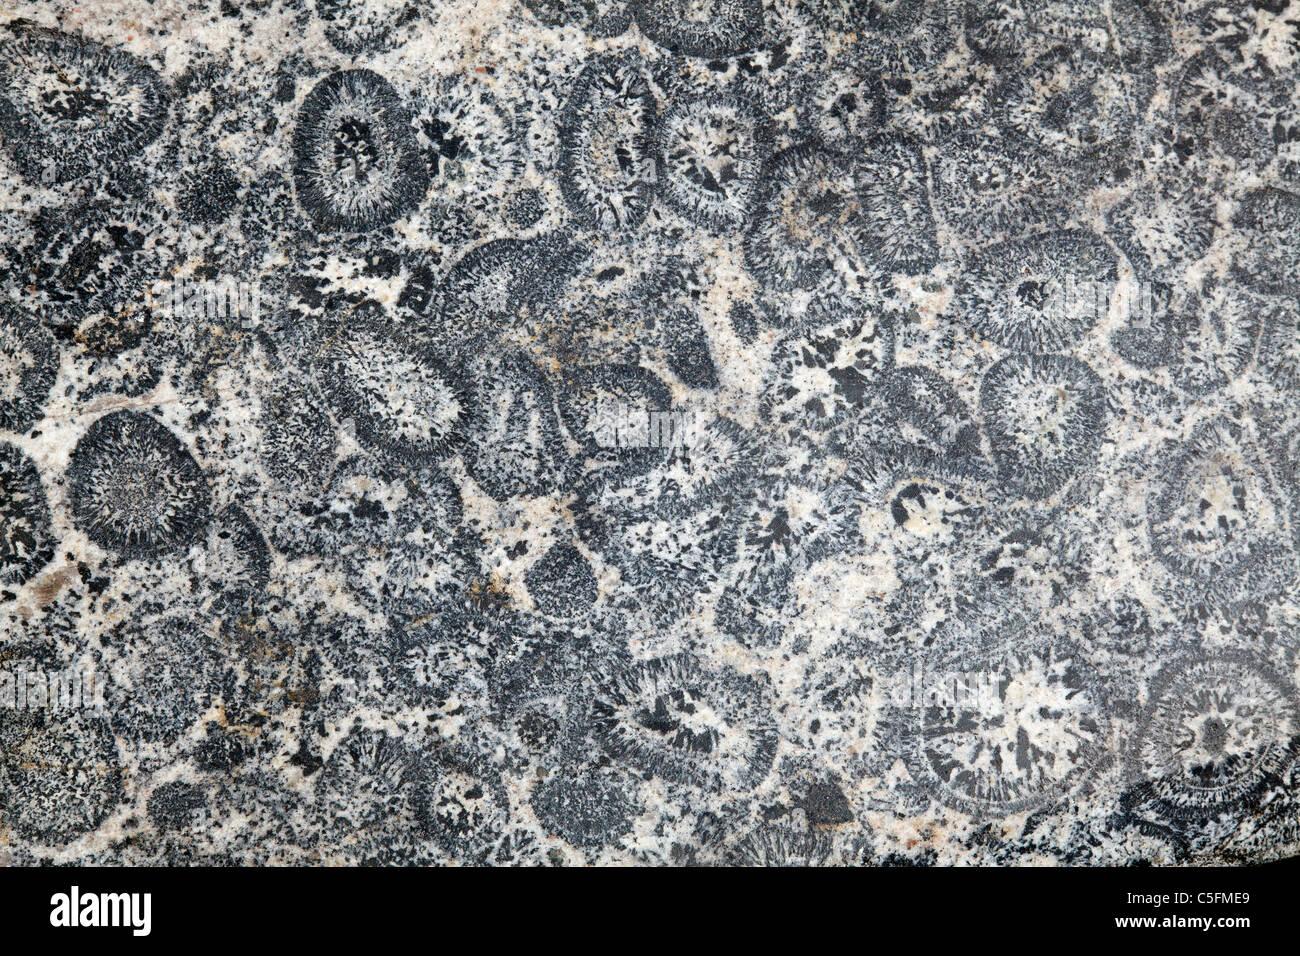 orbicular granite - Stock Image